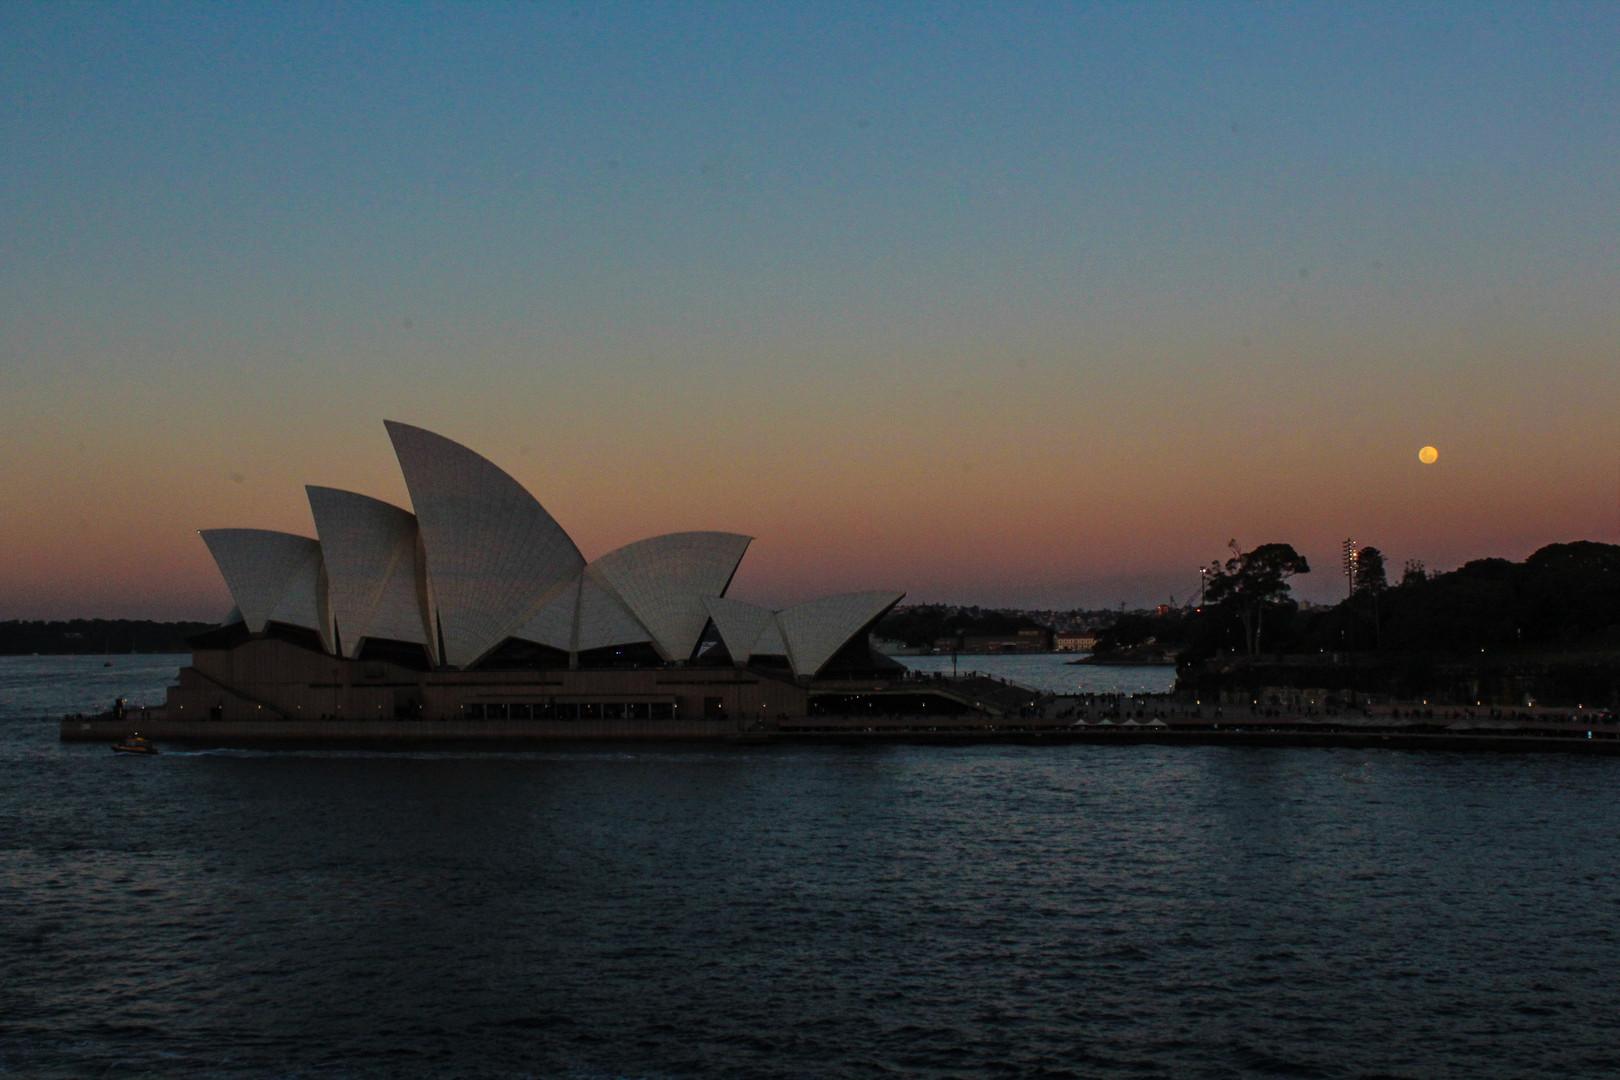 Le soleil se couche sur l'opéra de Sydney